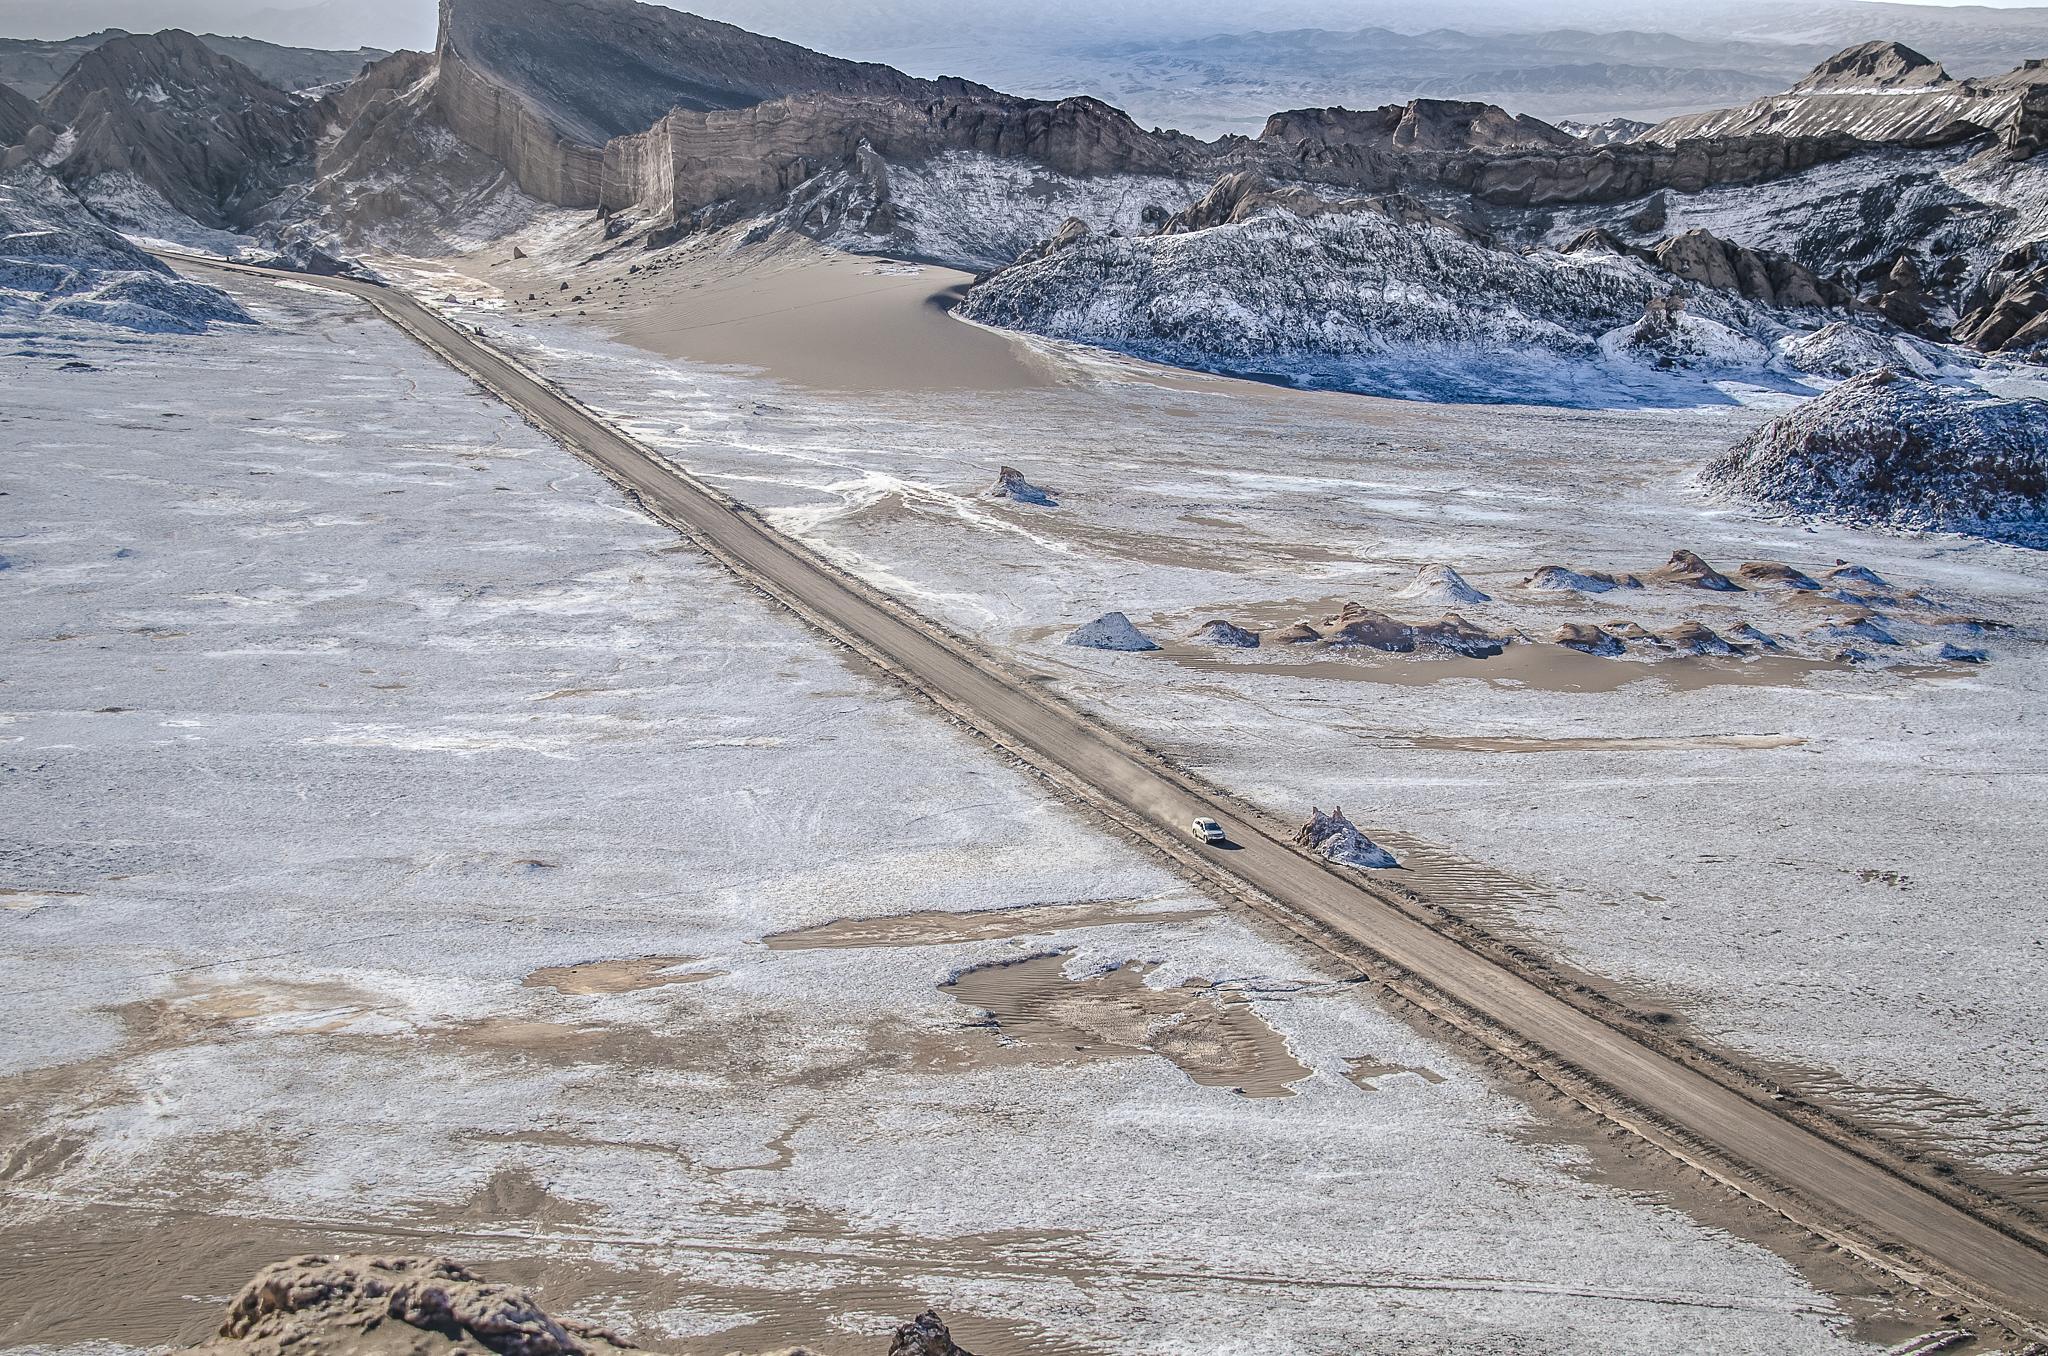 Salt crusted desert by Trevor McKinnon